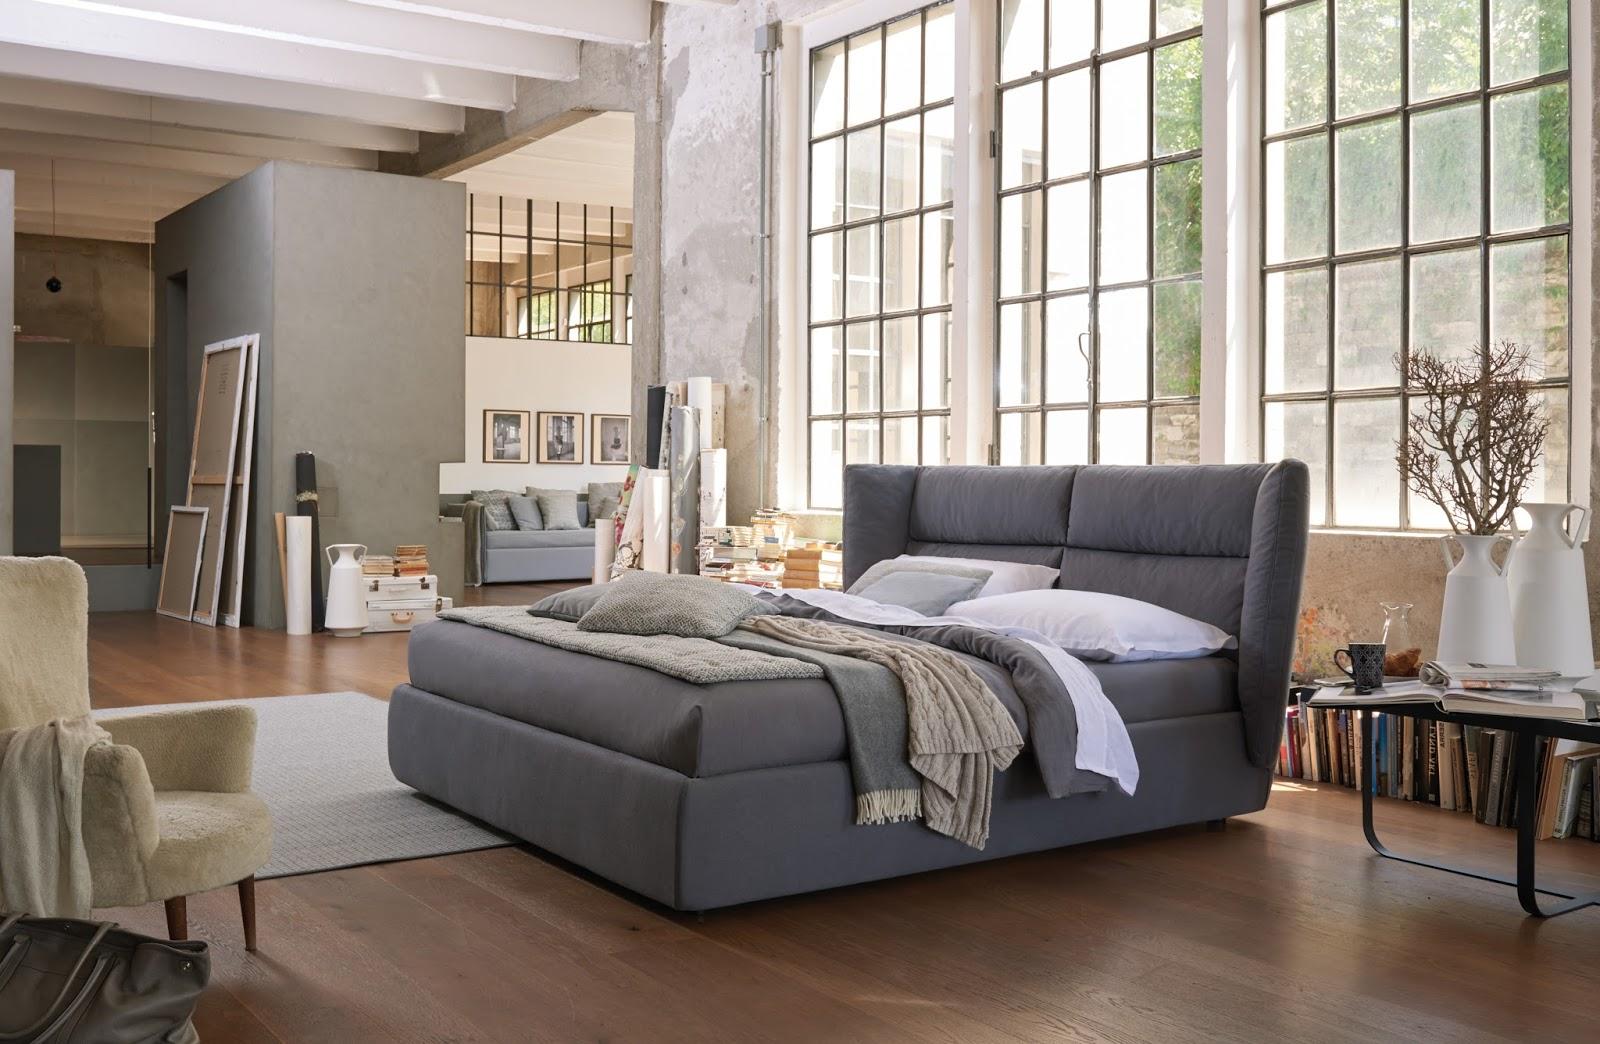 Кровать изголовьем к окну дизайн